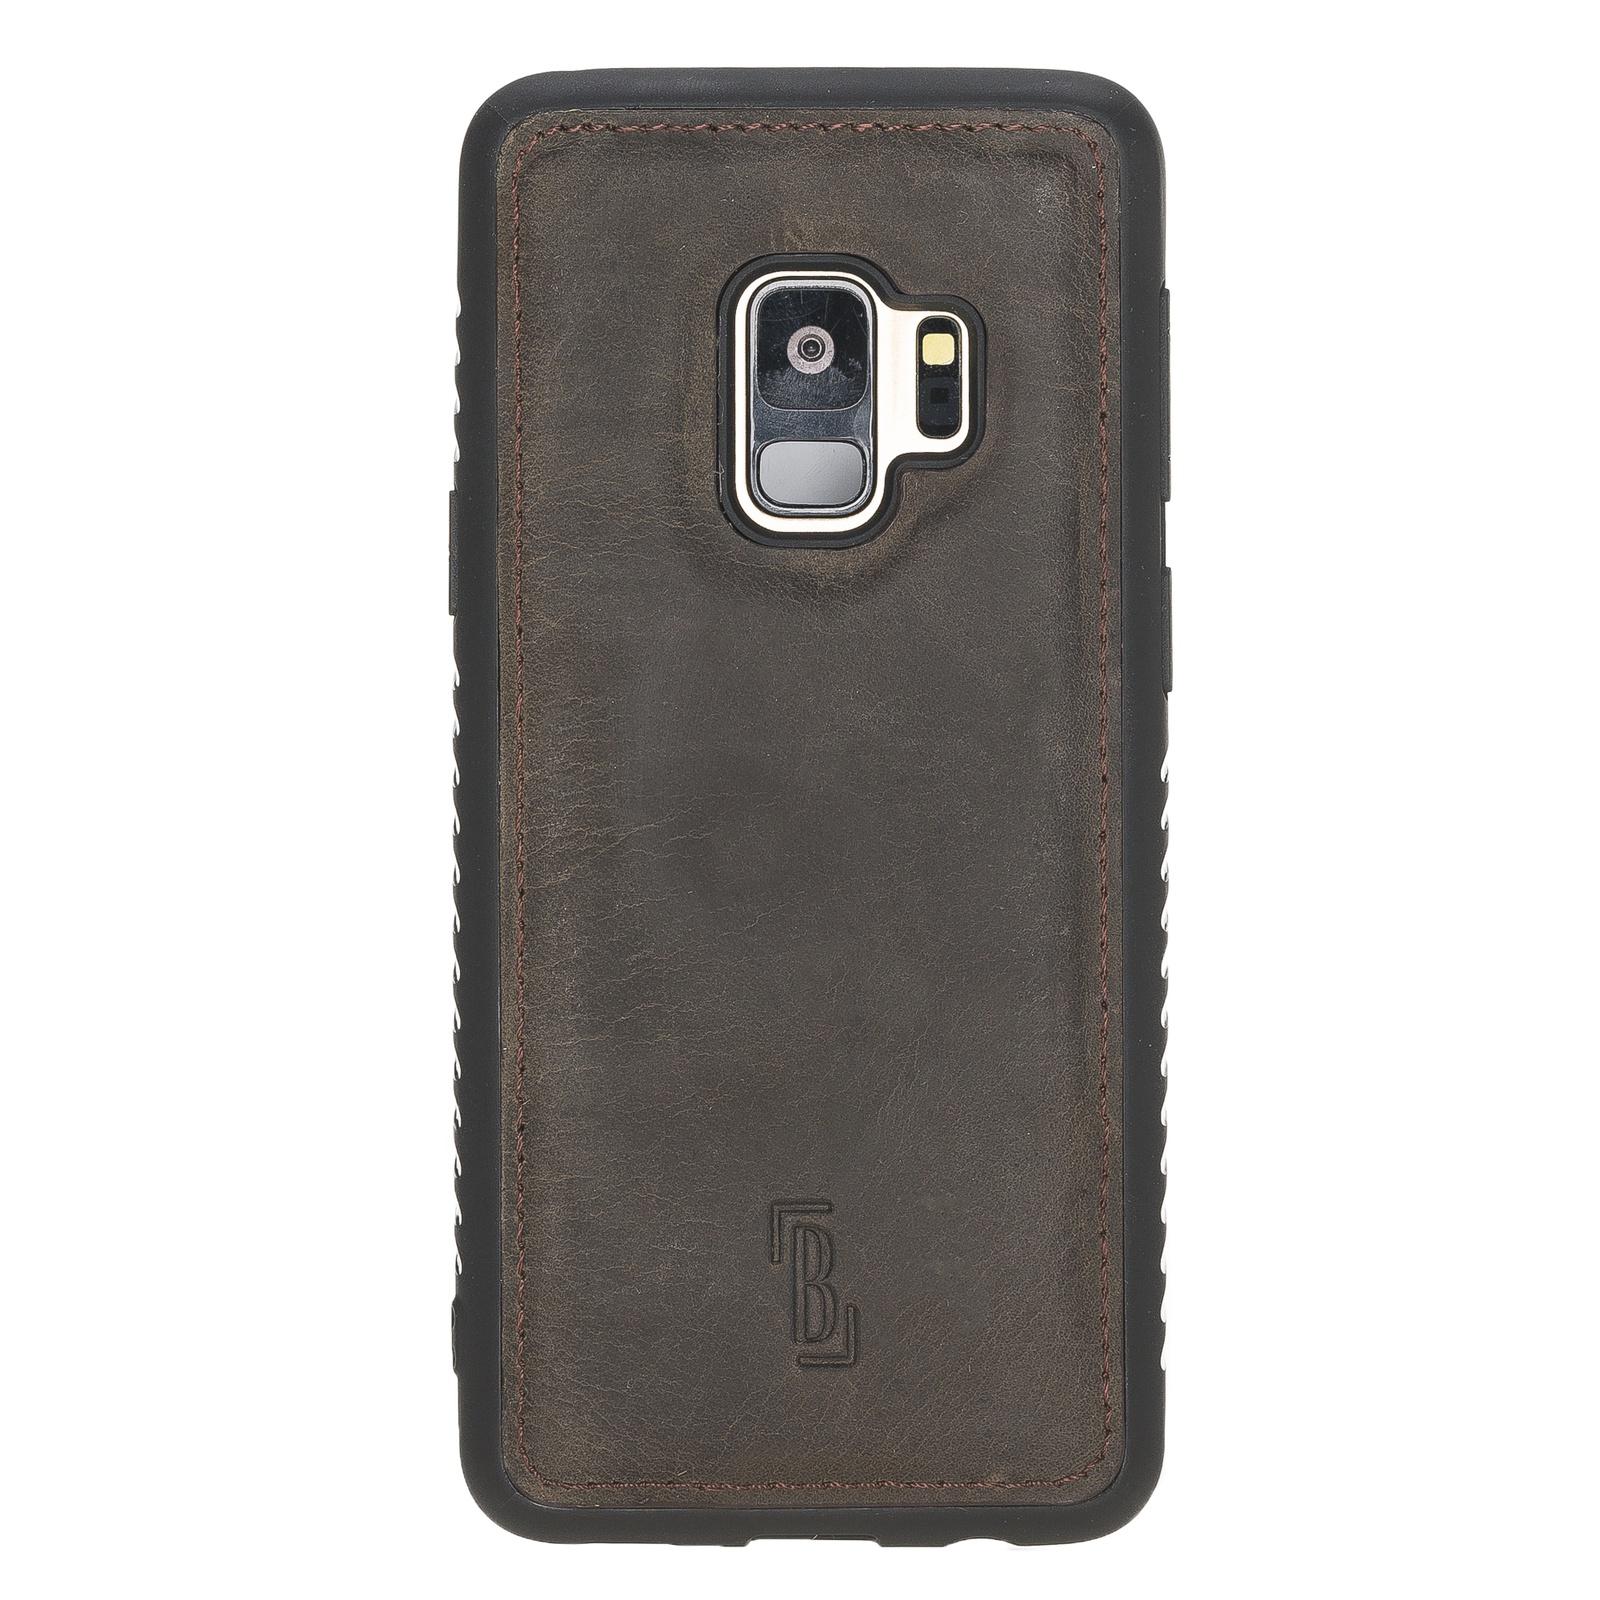 Чехол для сотового телефона Burkley для Samsung Galaxy S9 FlexCover, темно-коричневый